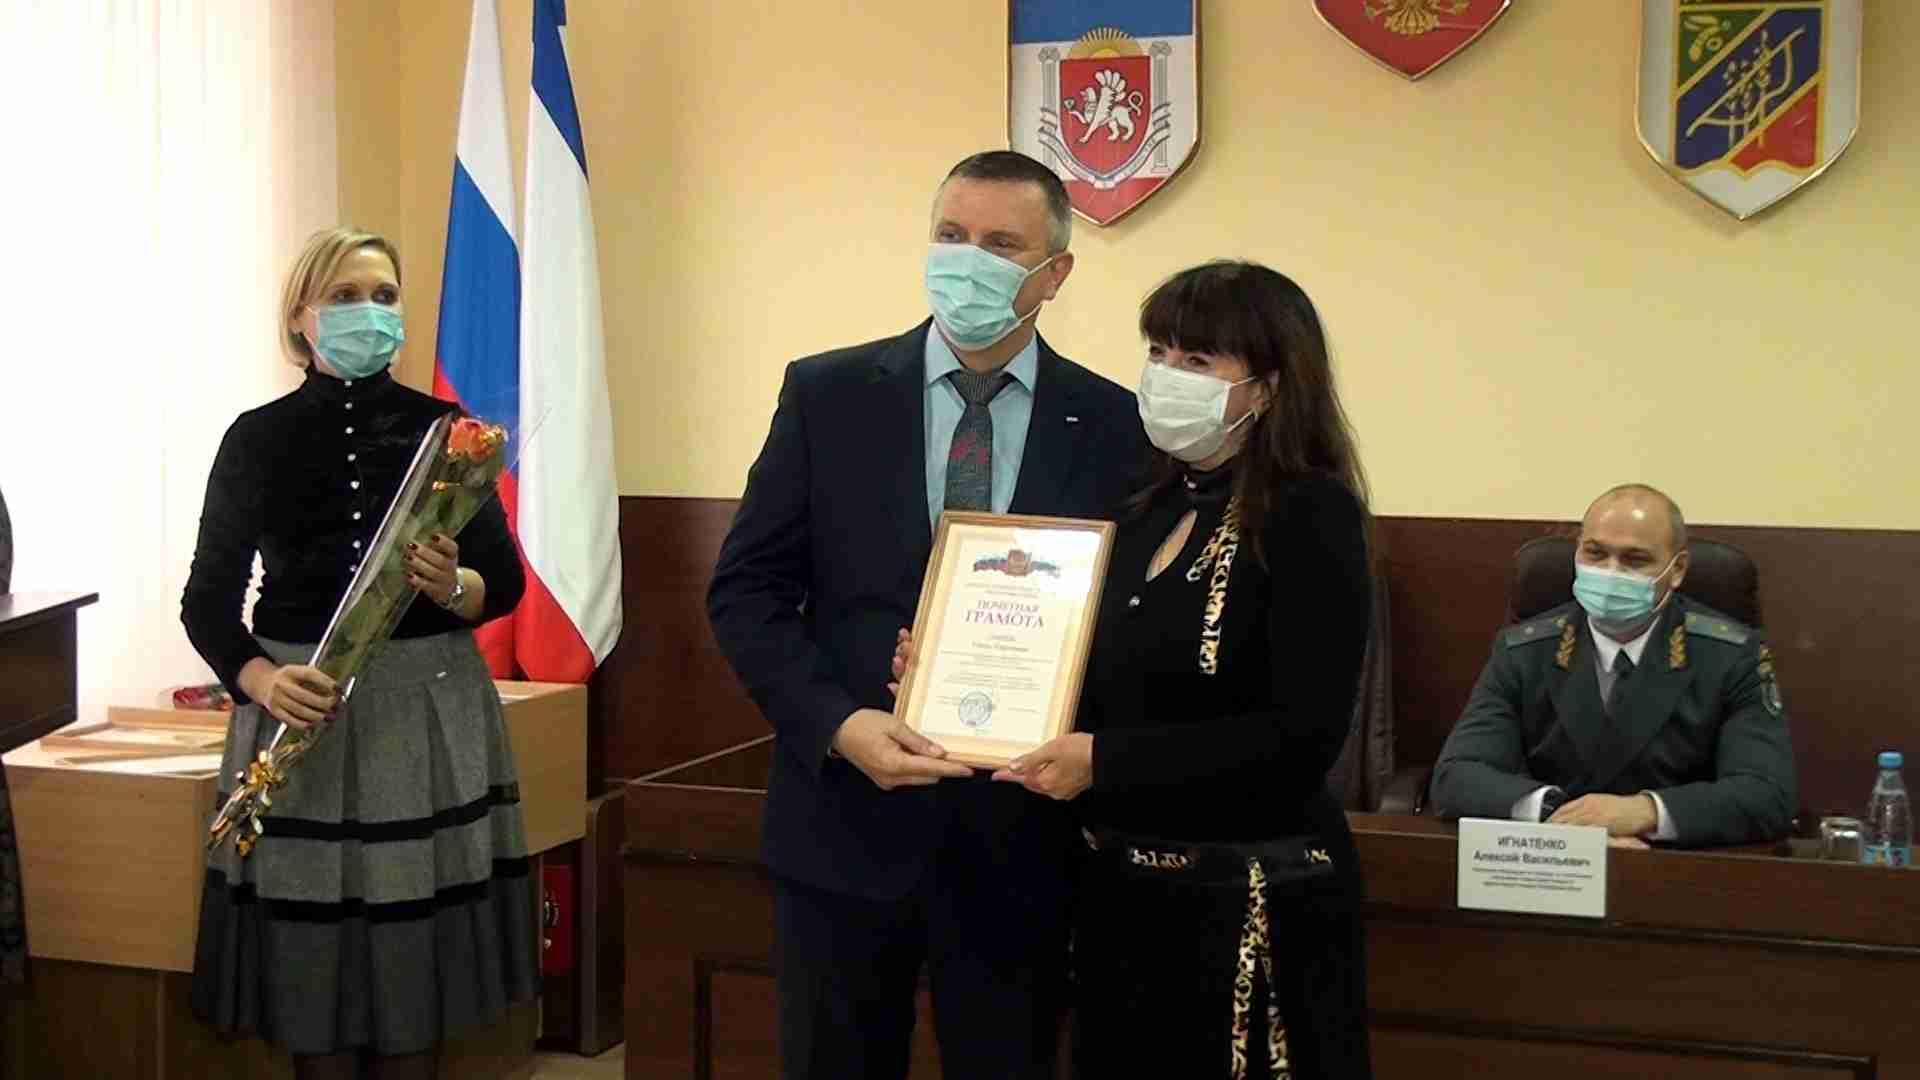 Сотрудников скорой помощи и городской поликлиники наградили в Джанкое